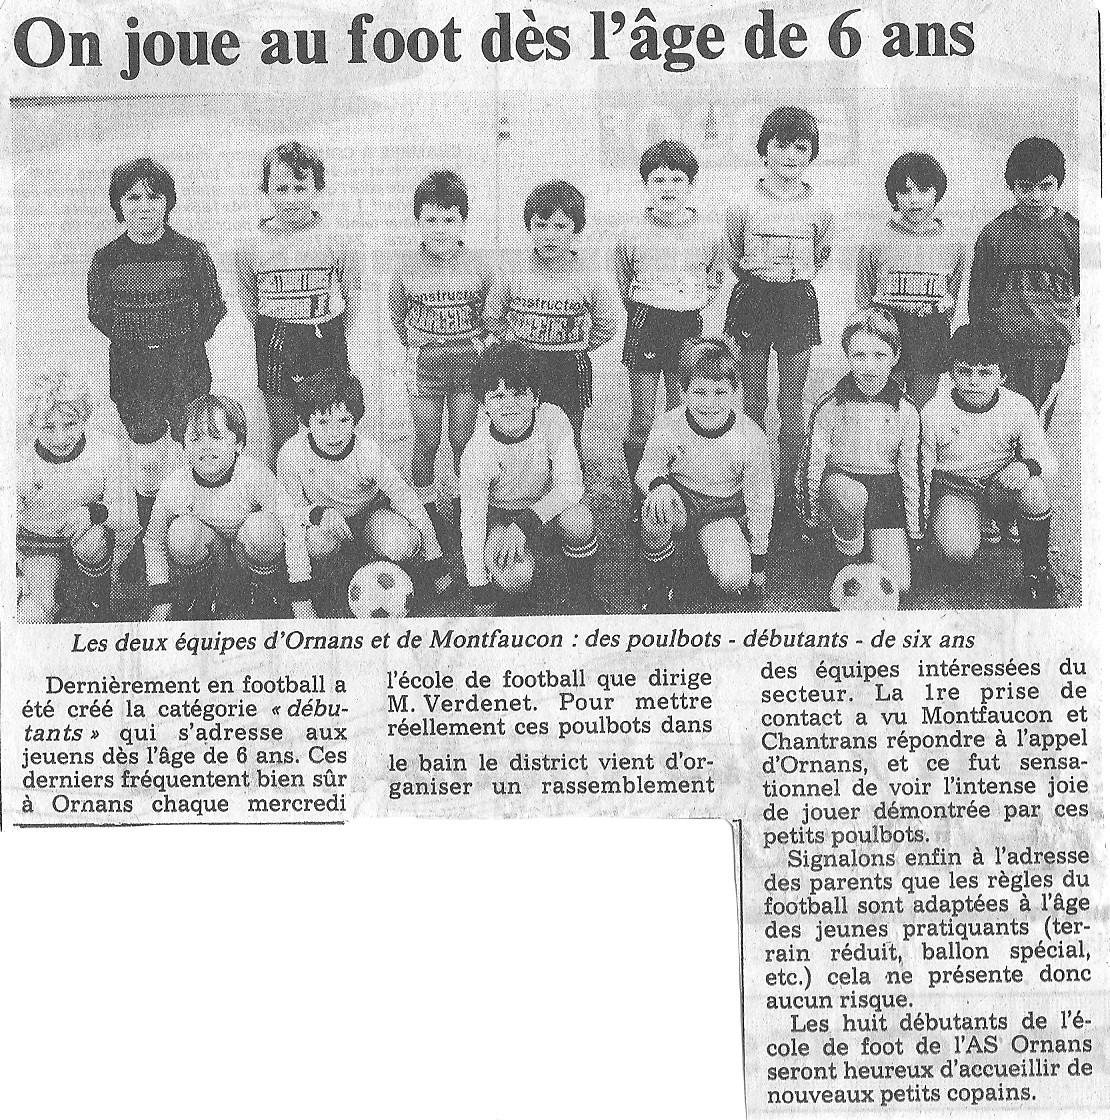 1985 - On joue au foot dès l'âge de 6 ans